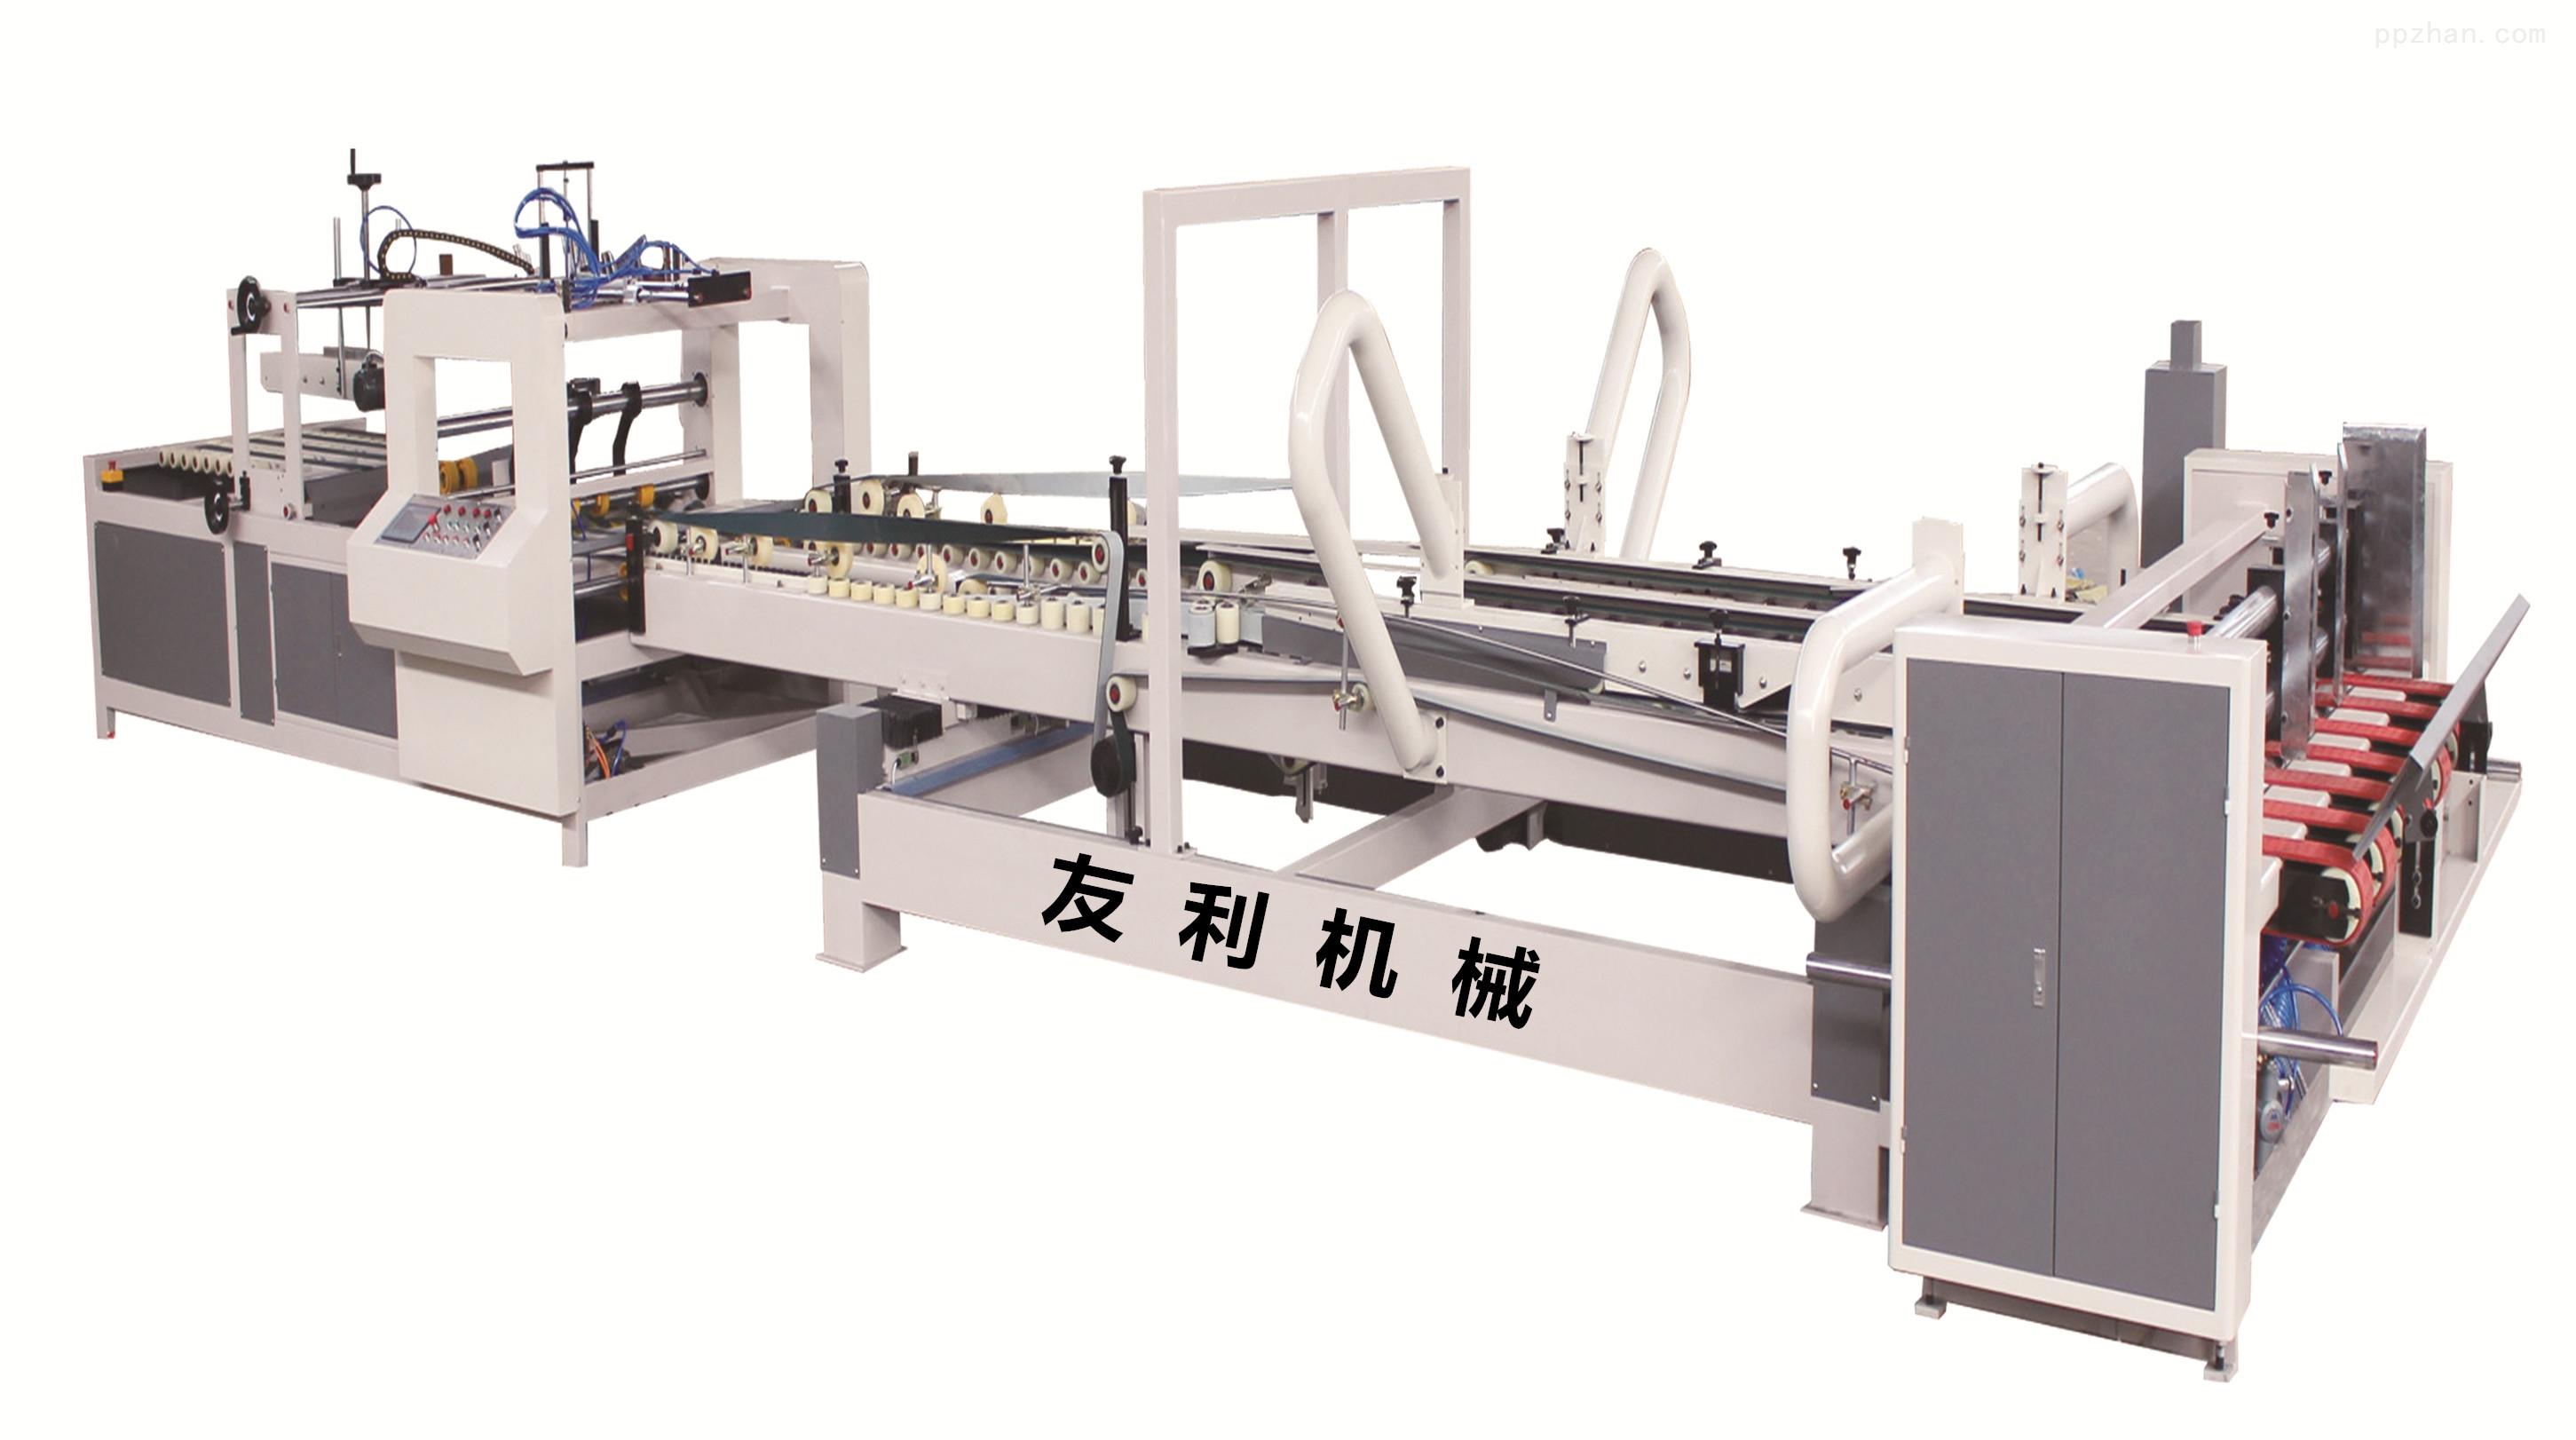 新型粘箱机/新型全自动粘箱机【友利粘箱机专业制造商】